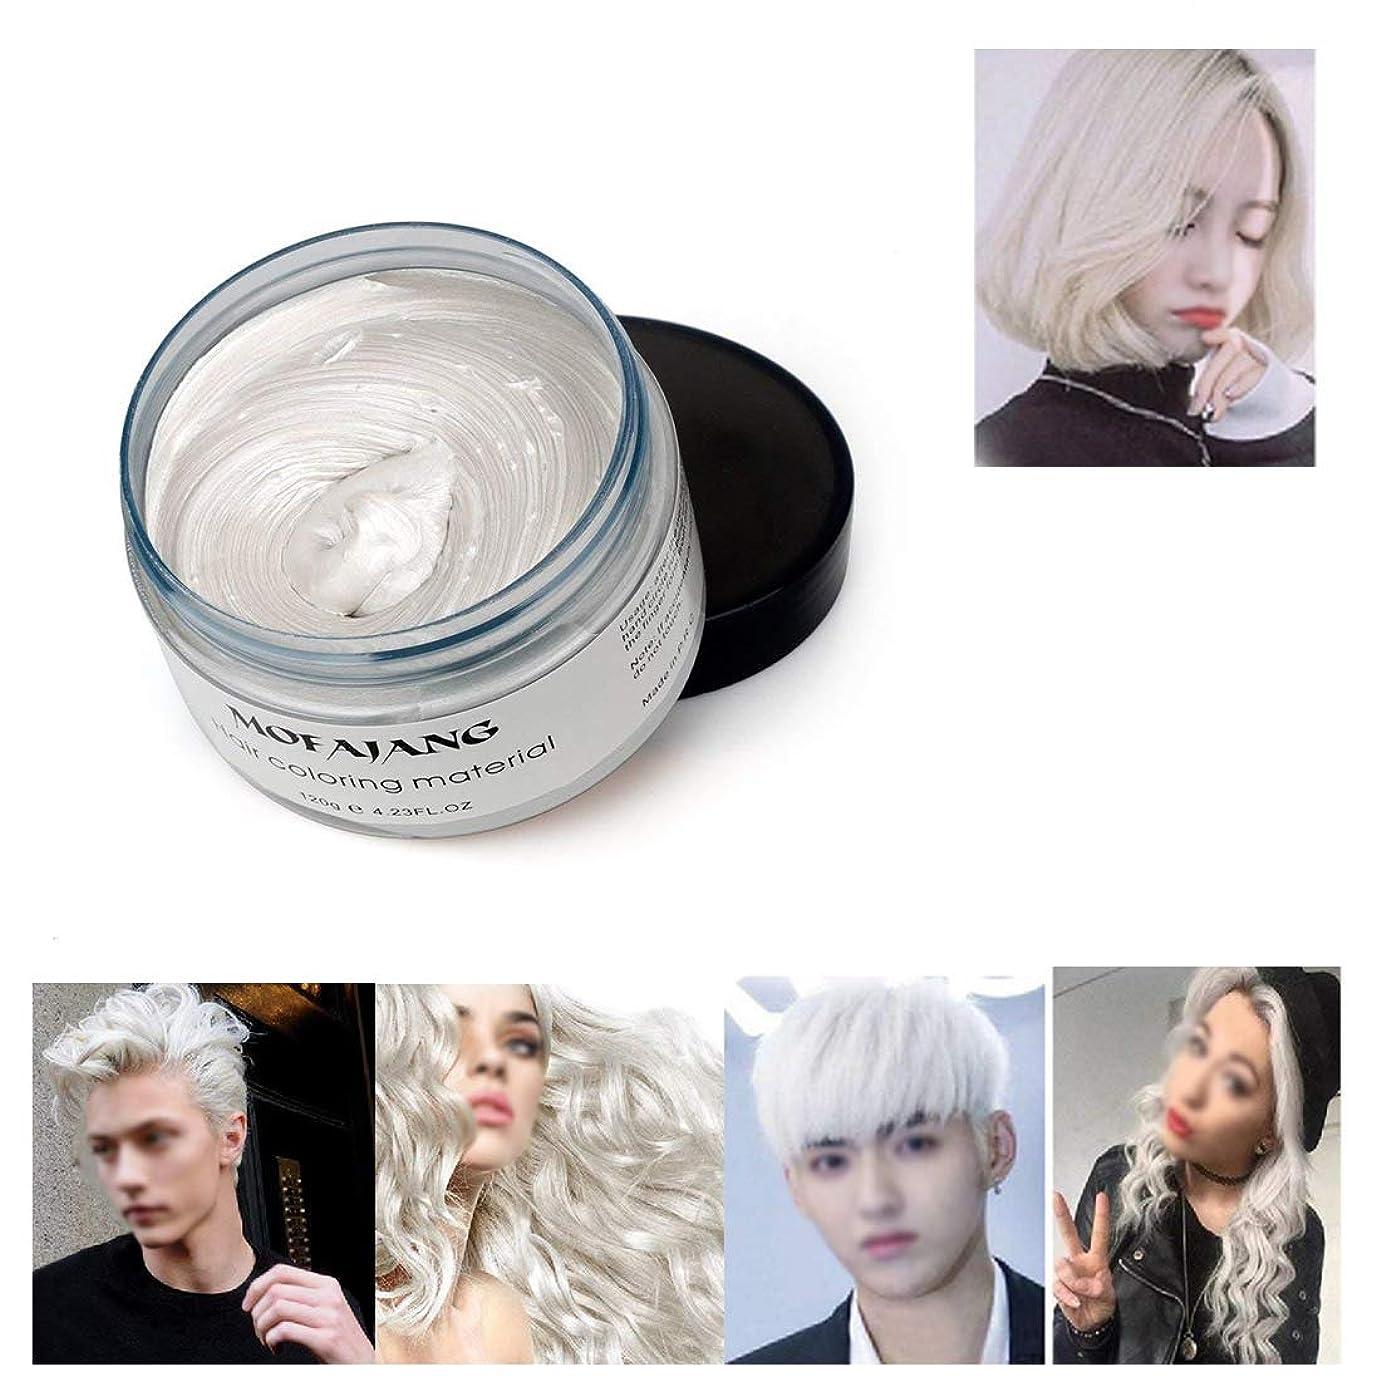 スナップおしゃれじゃないしがみつく髪色ワックス,一度だけ一時的に自然色染料ヘアワックスをモデリング,パーティーのための自然なマット髪型。コスプレ、仮装、ナイトクラブ、ハロウィーン (ホワイト)